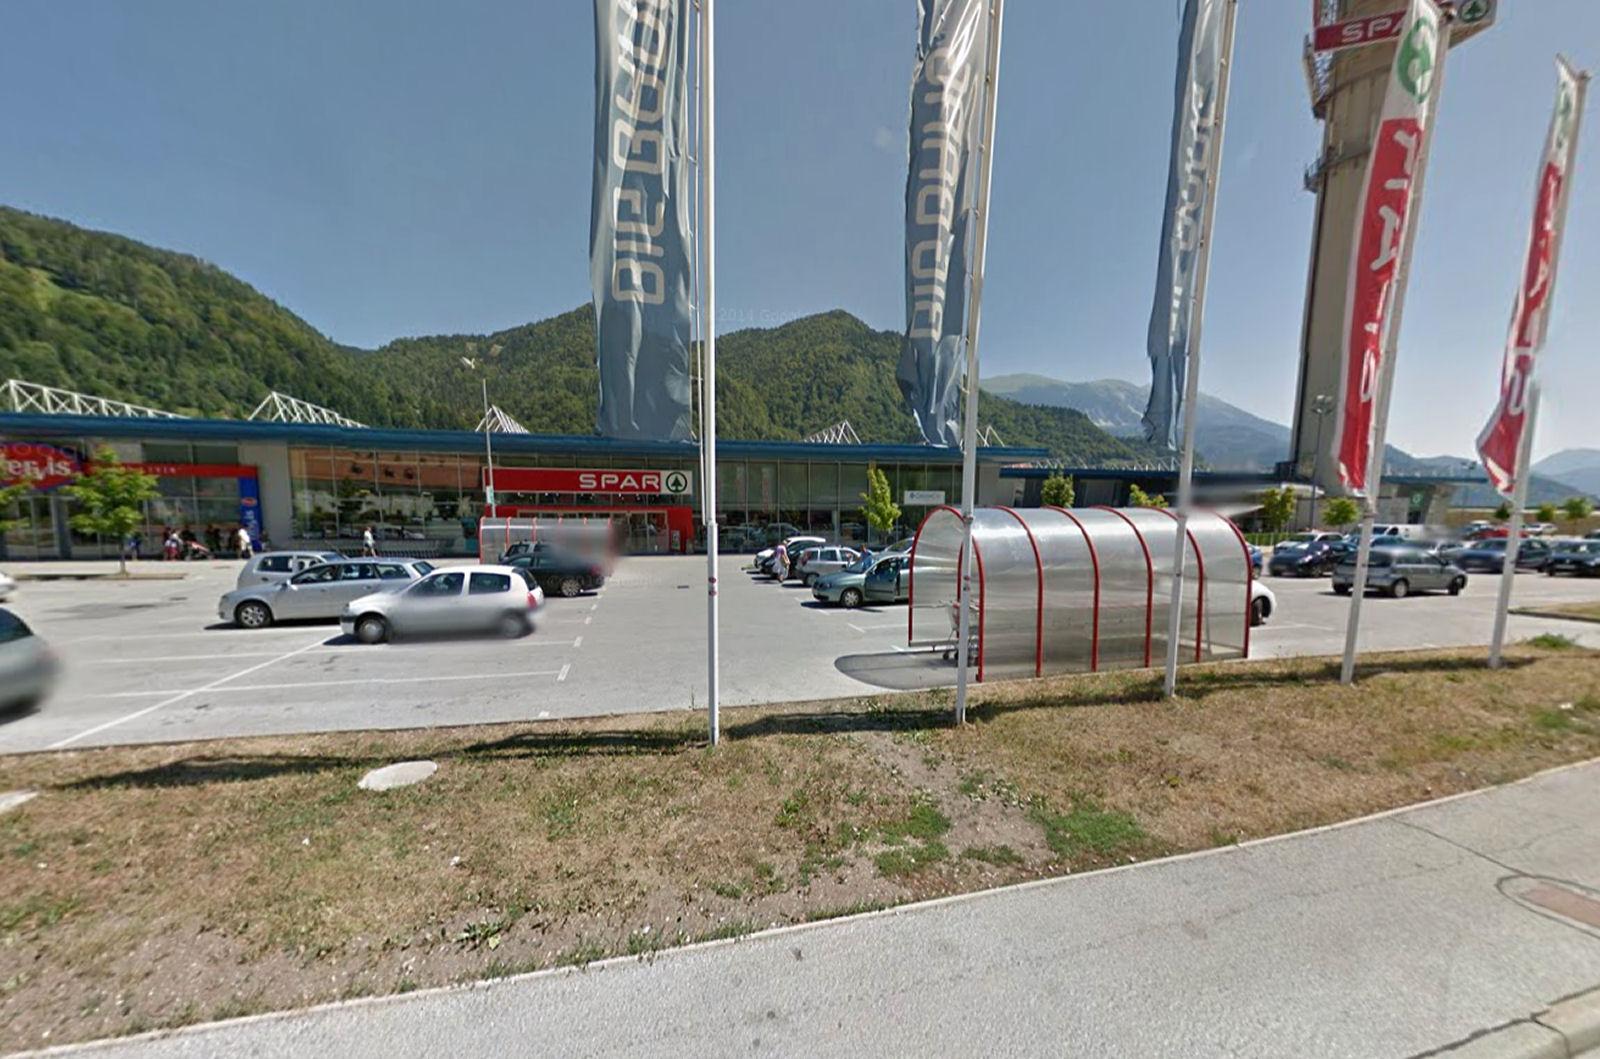 SPAR Hipermarket in Jesenice, Slovenia